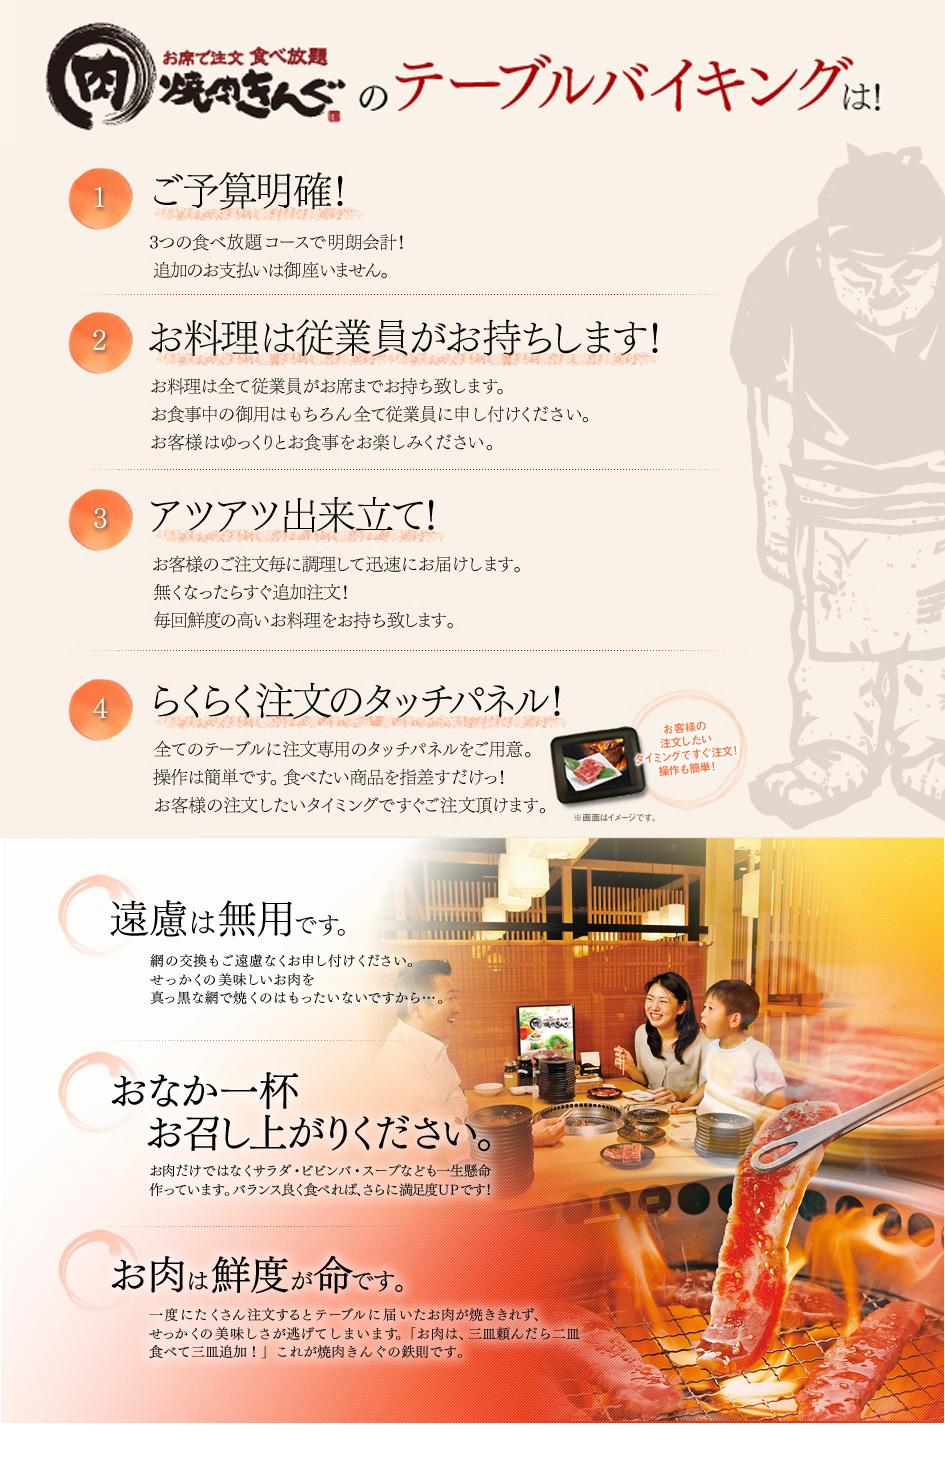 image_kodawari